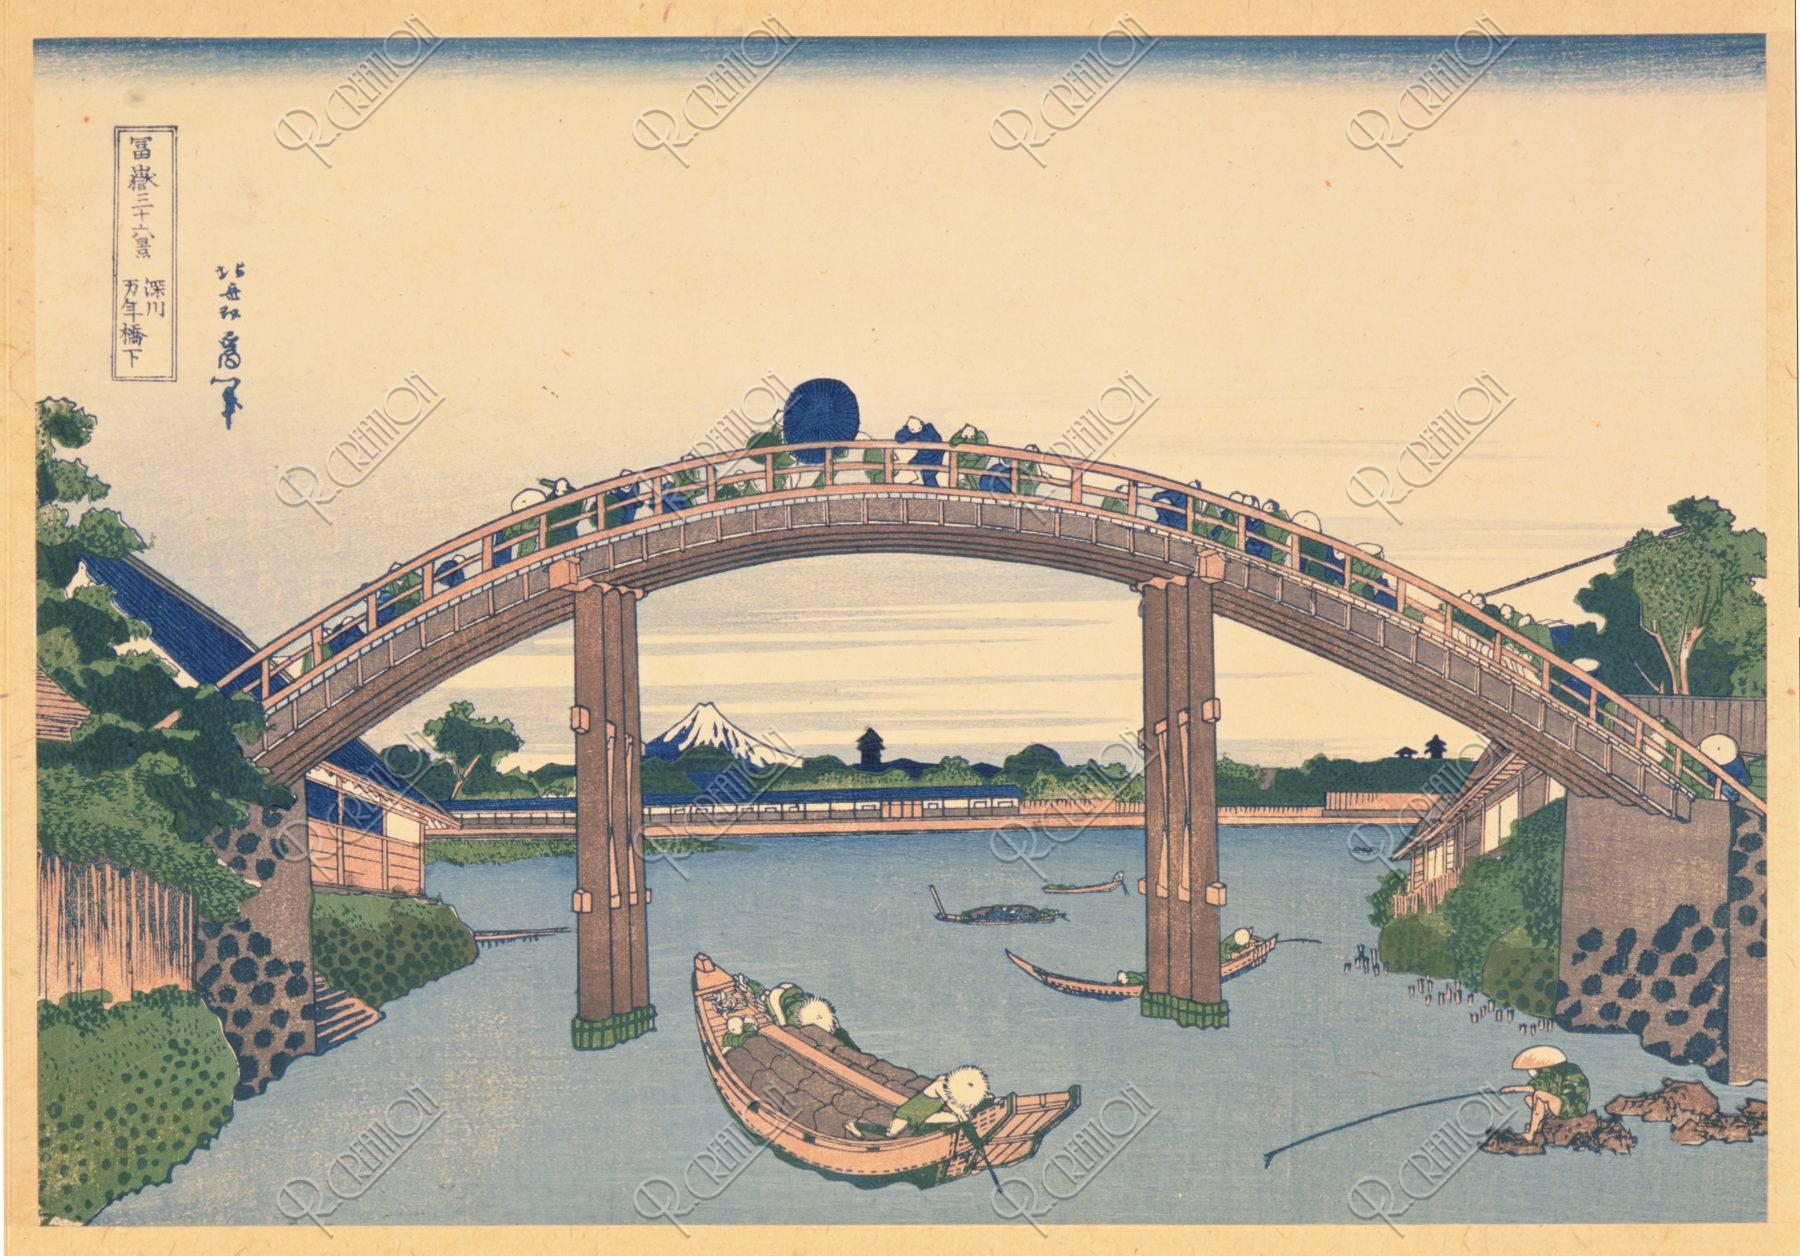 富嶽三十六景 深川 万年橋下